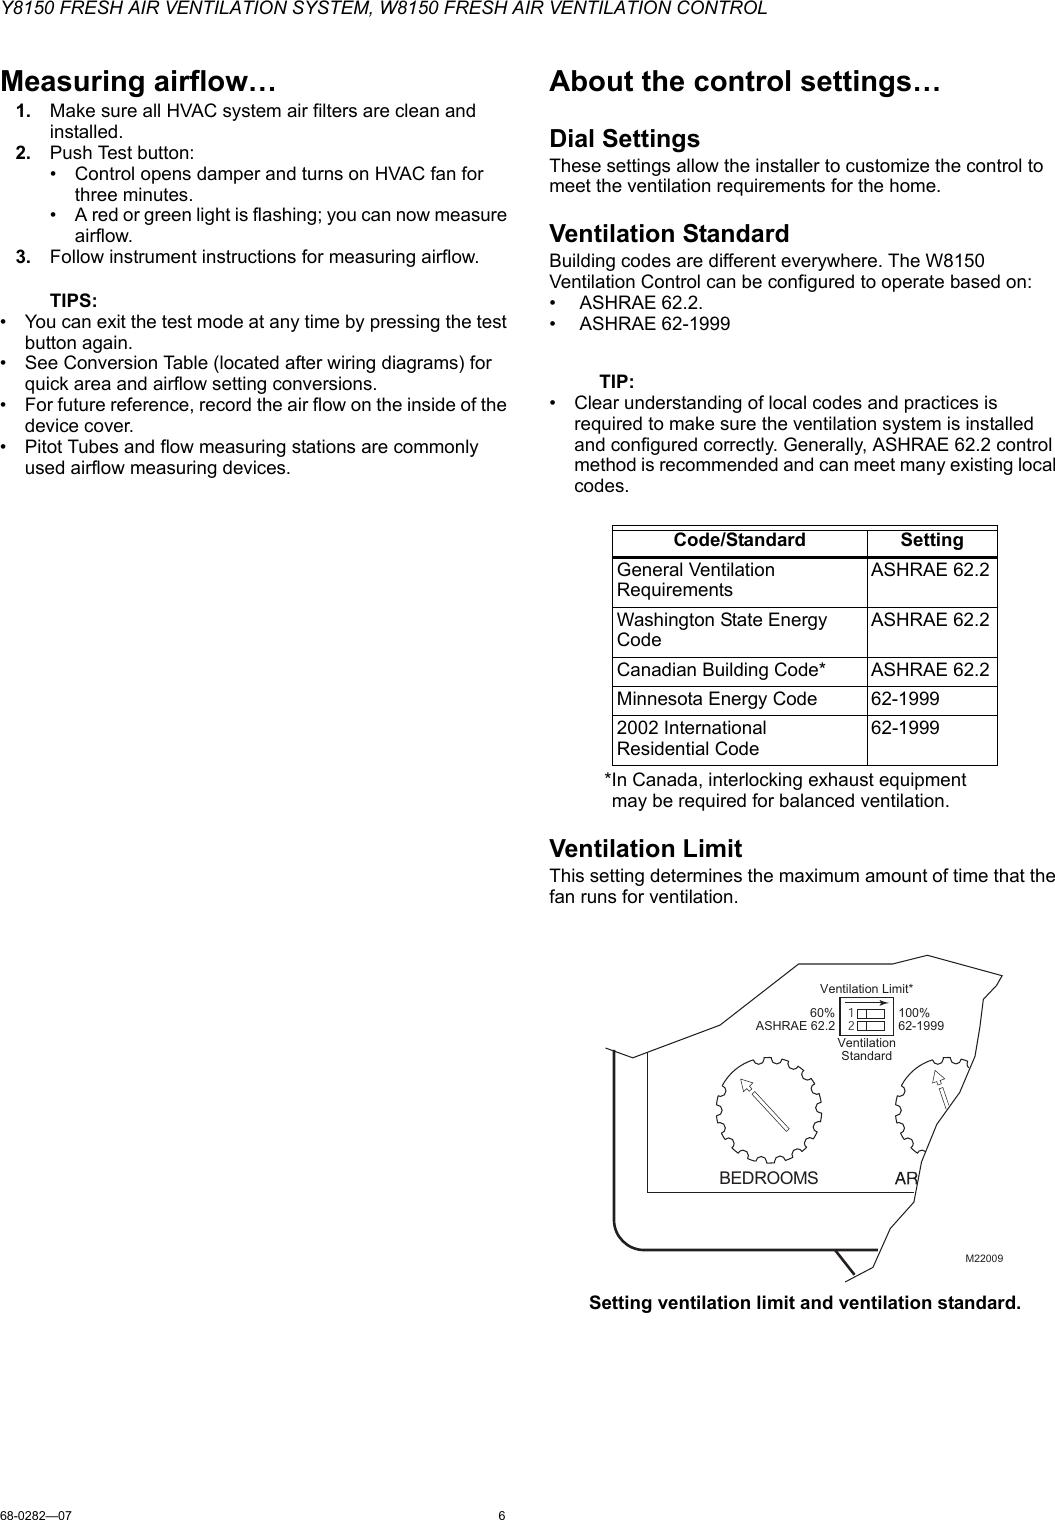 Honeywell fresh air ventilation control manual